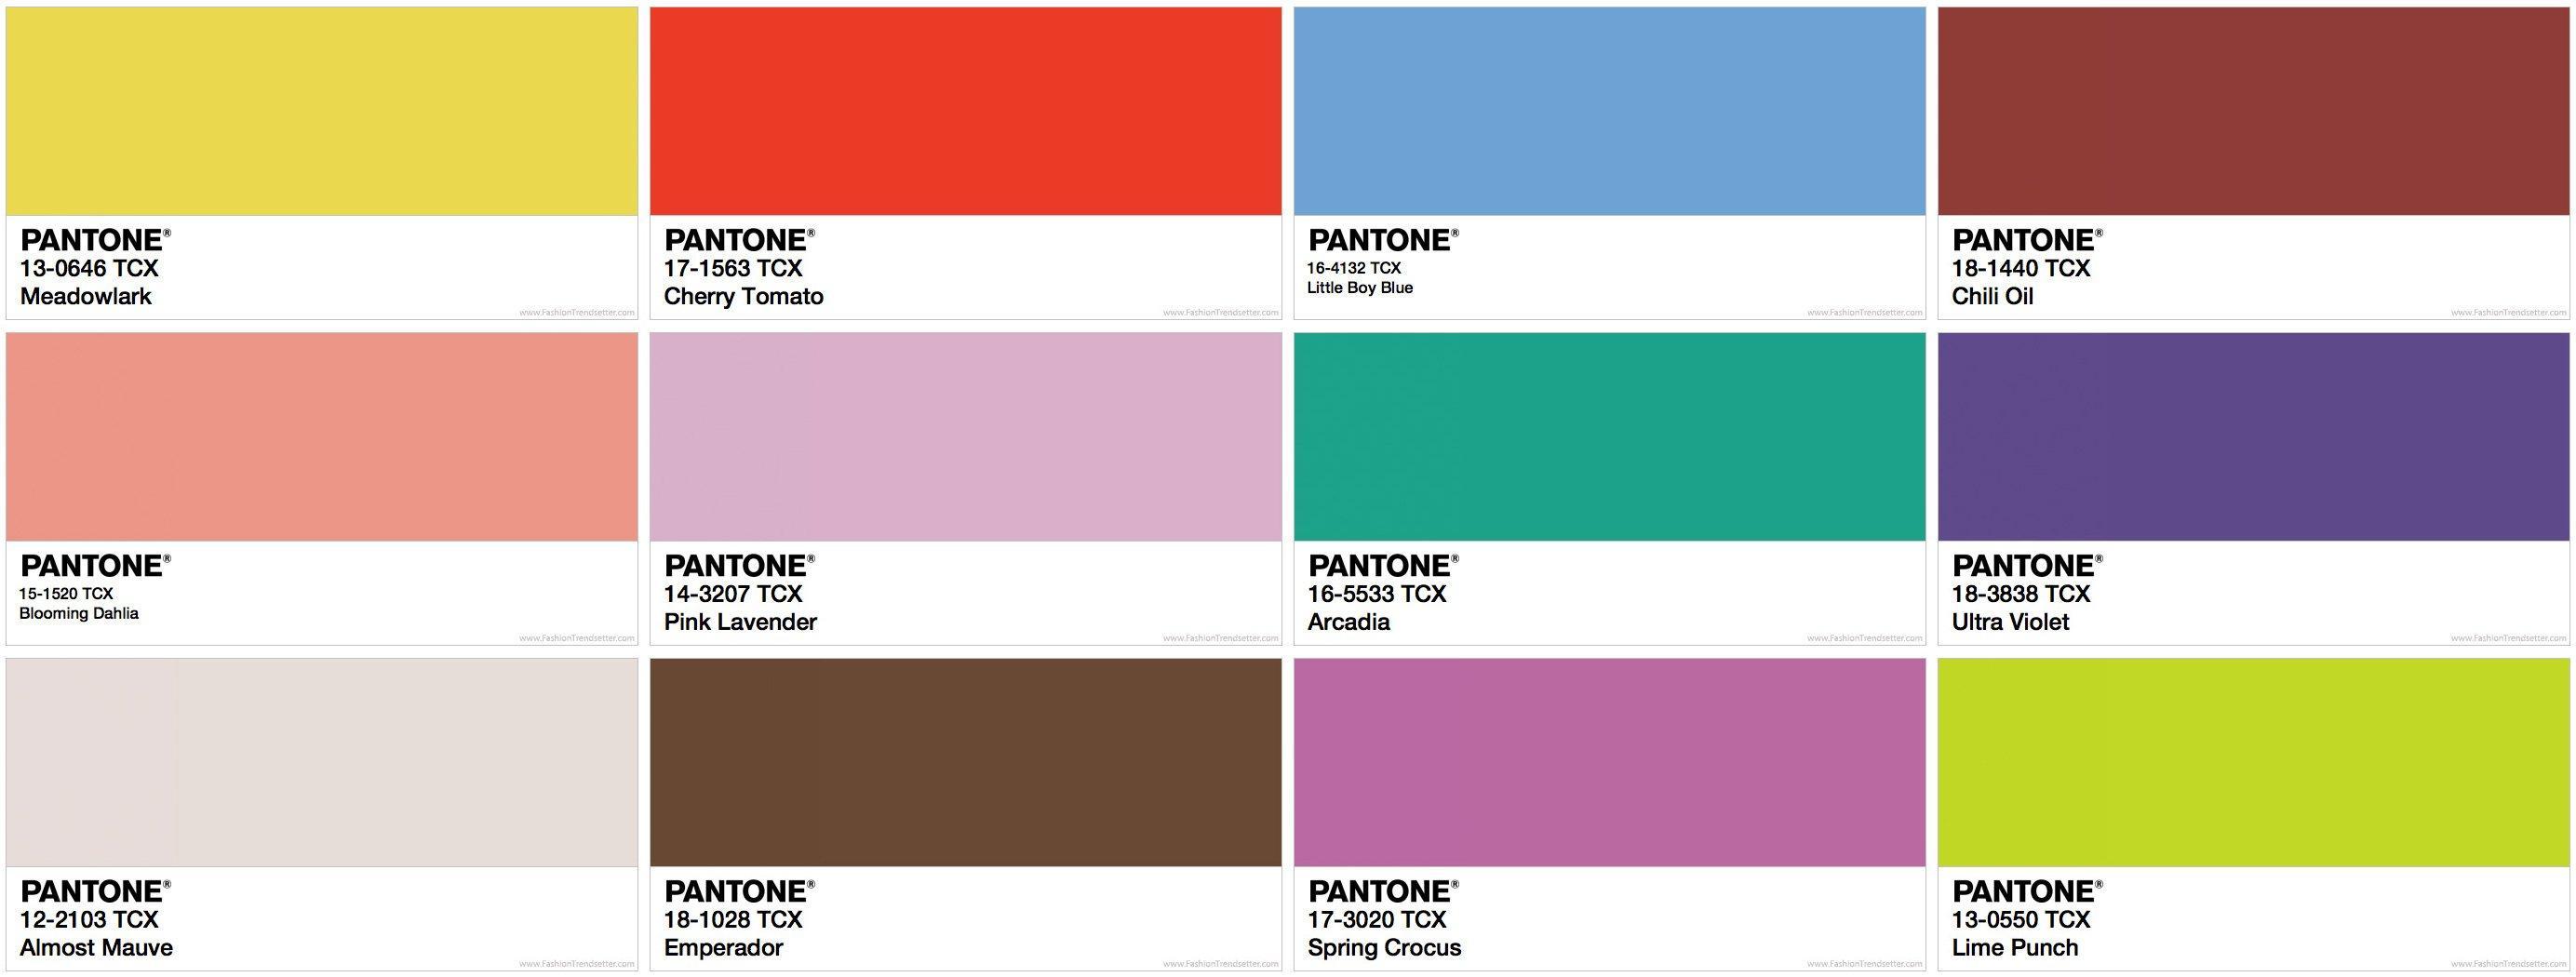 Pantone annuncia tutti i colori che indosseremo nella primavera 2018